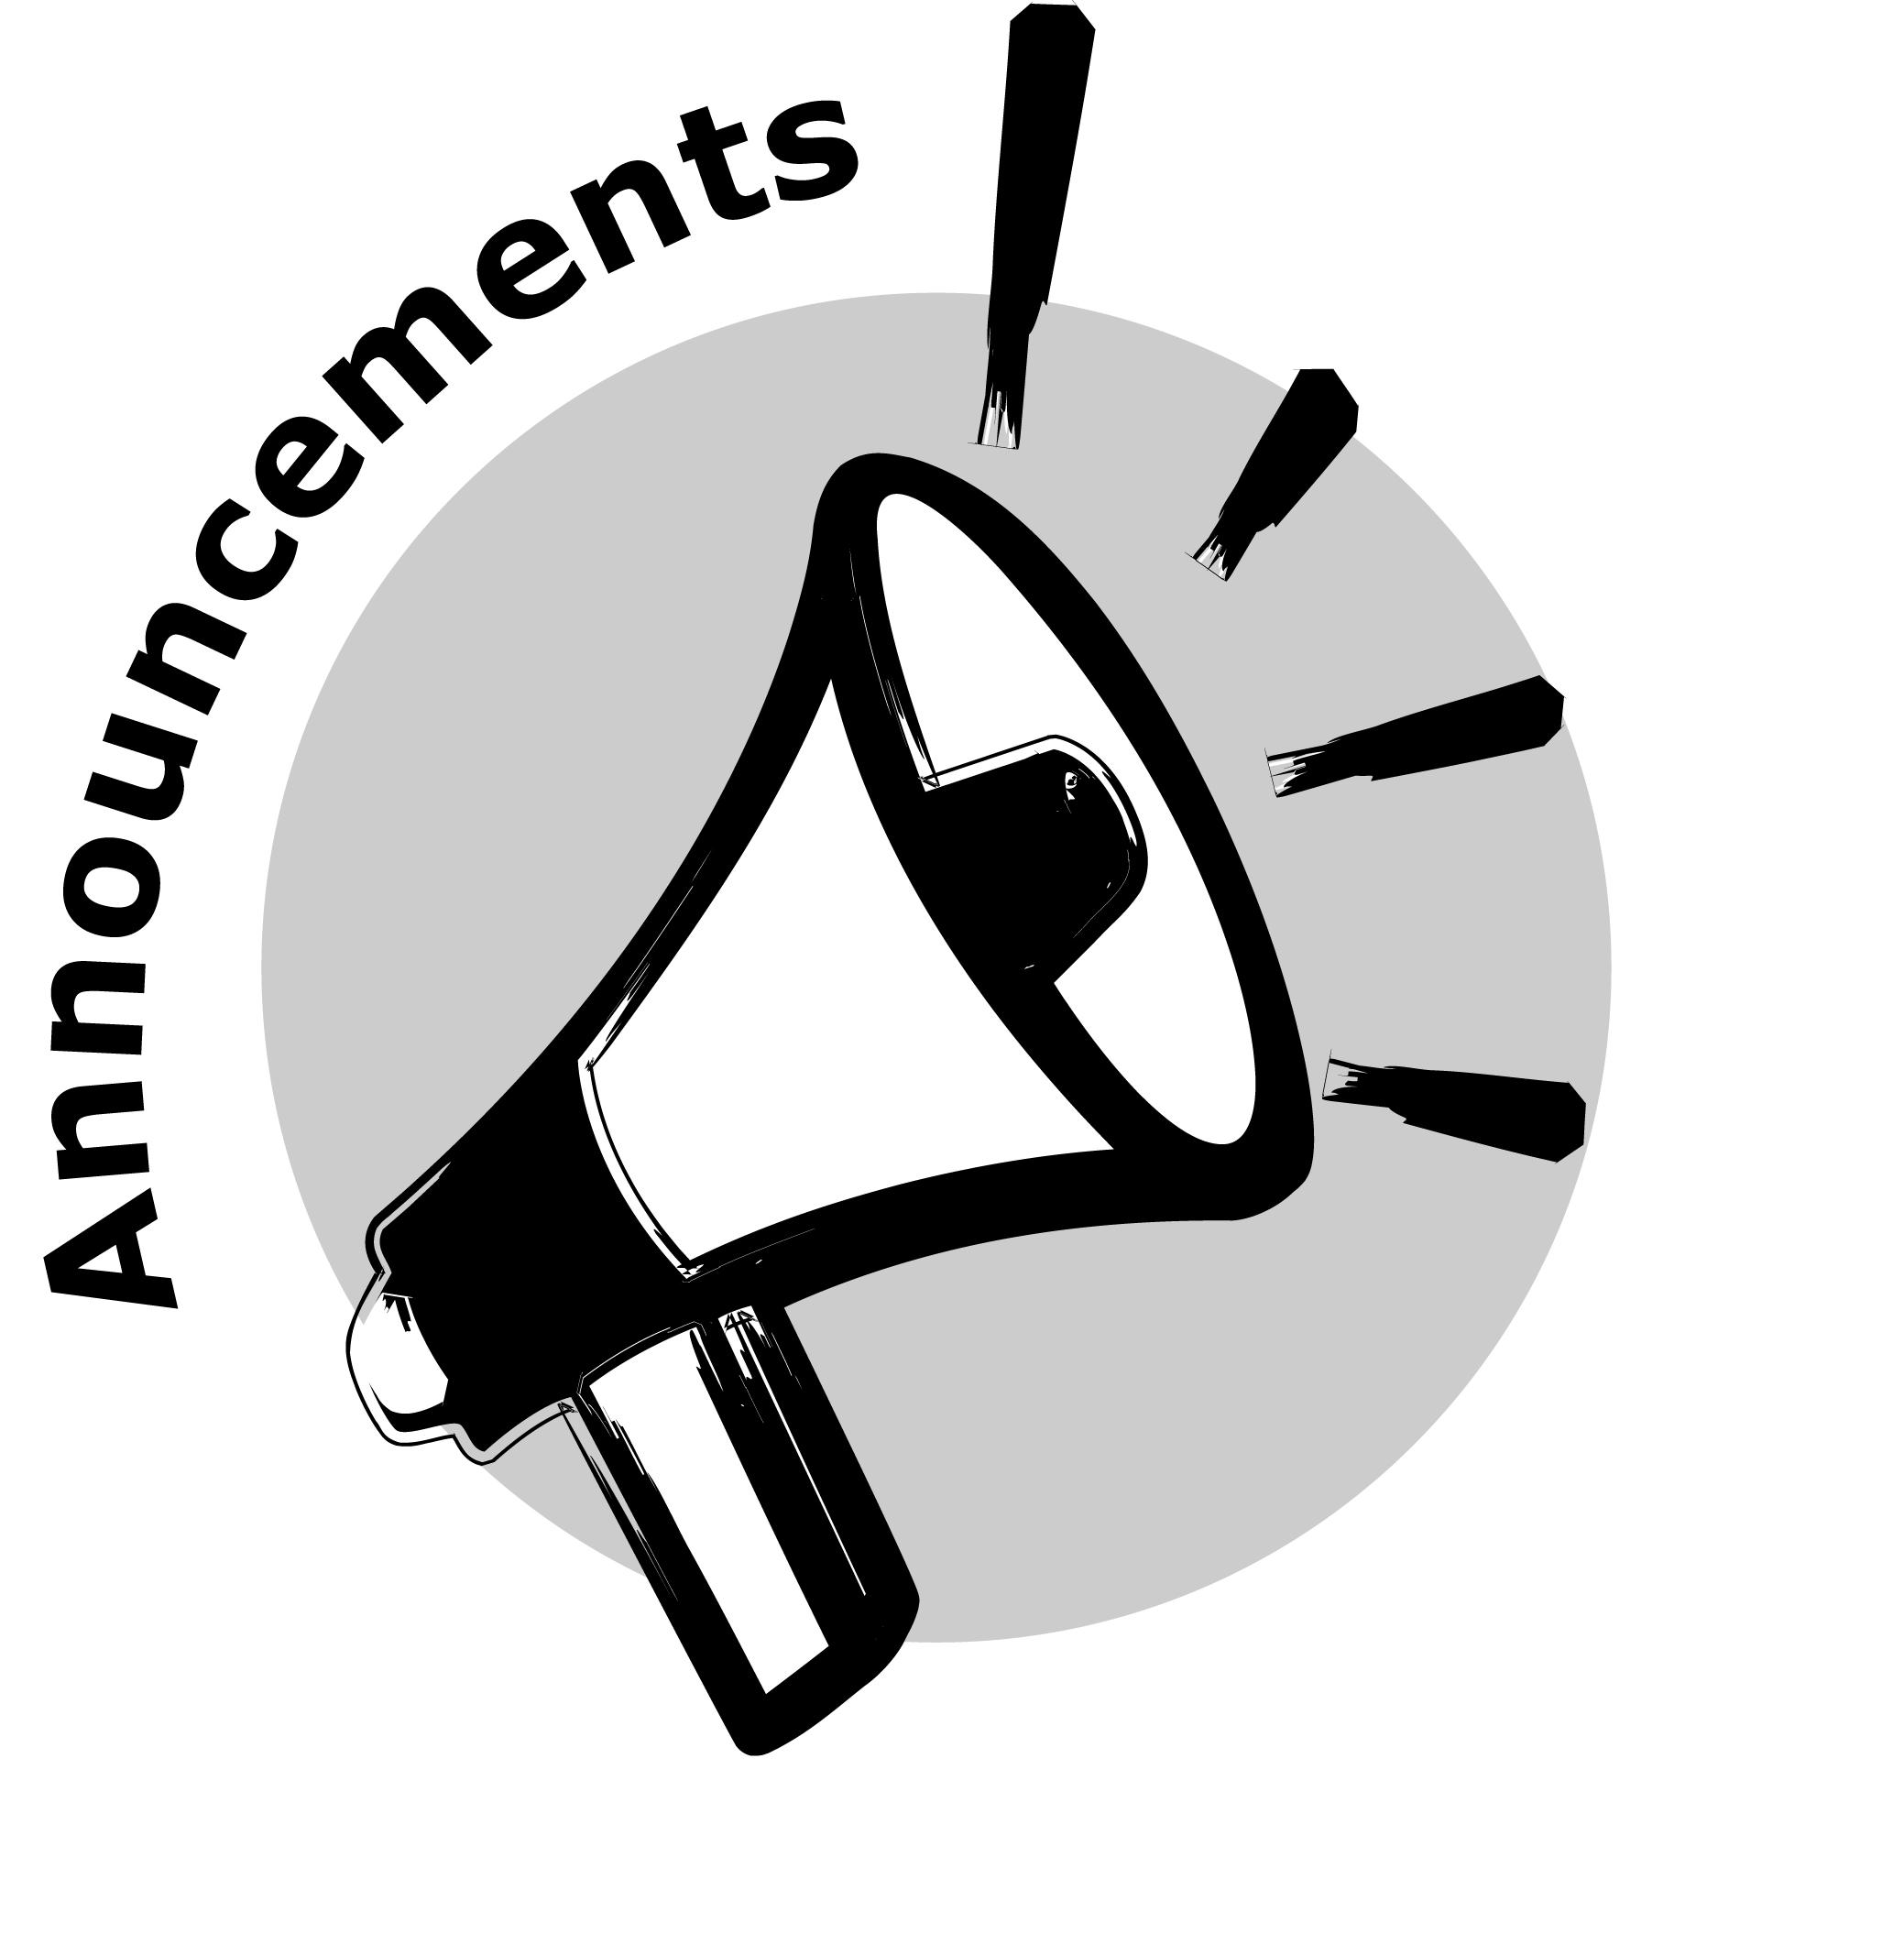 announcement clipart public announcement